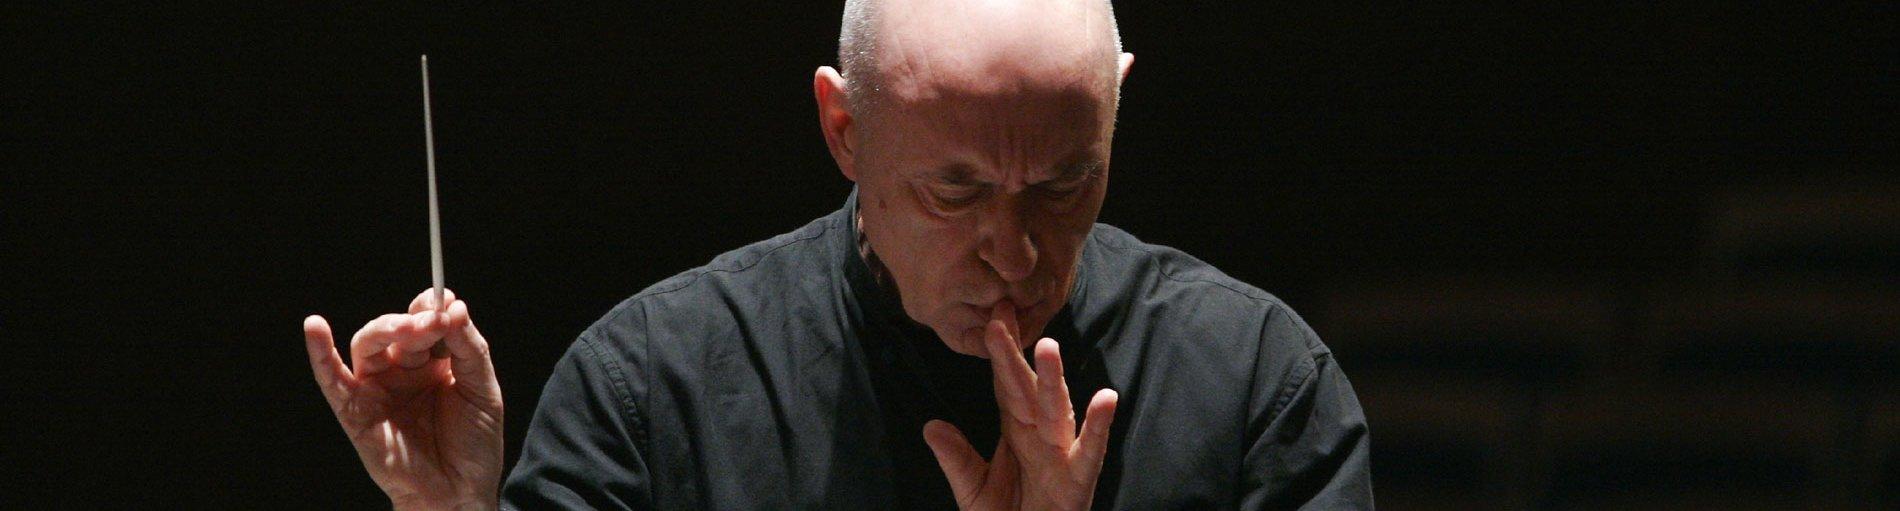 Der Leiter des Elbphilharmonieorchesters Christoph Eschenbach